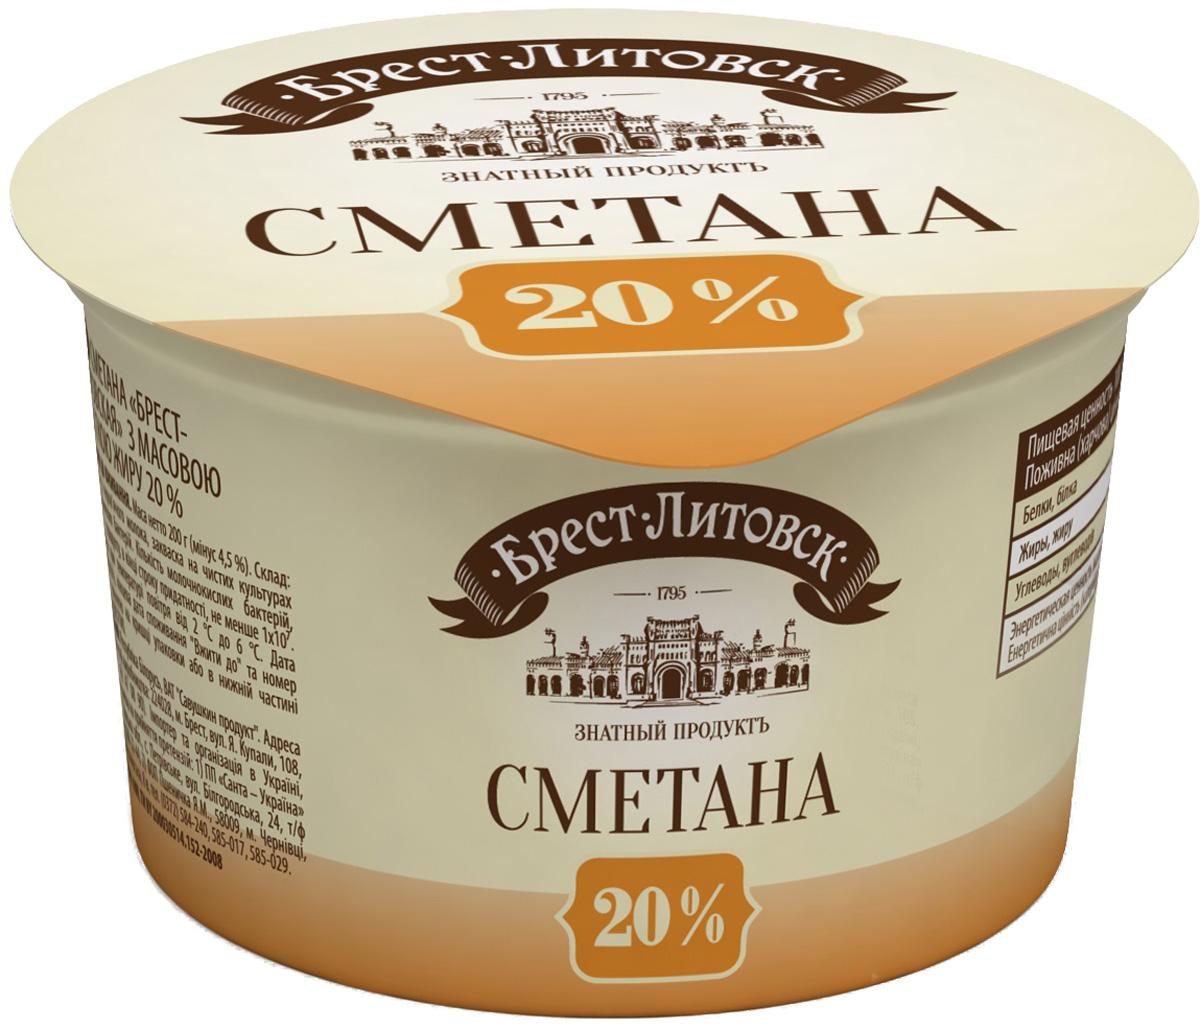 Брест-Литовск Сметана 20%, 180 г игрушки для младенцев брест